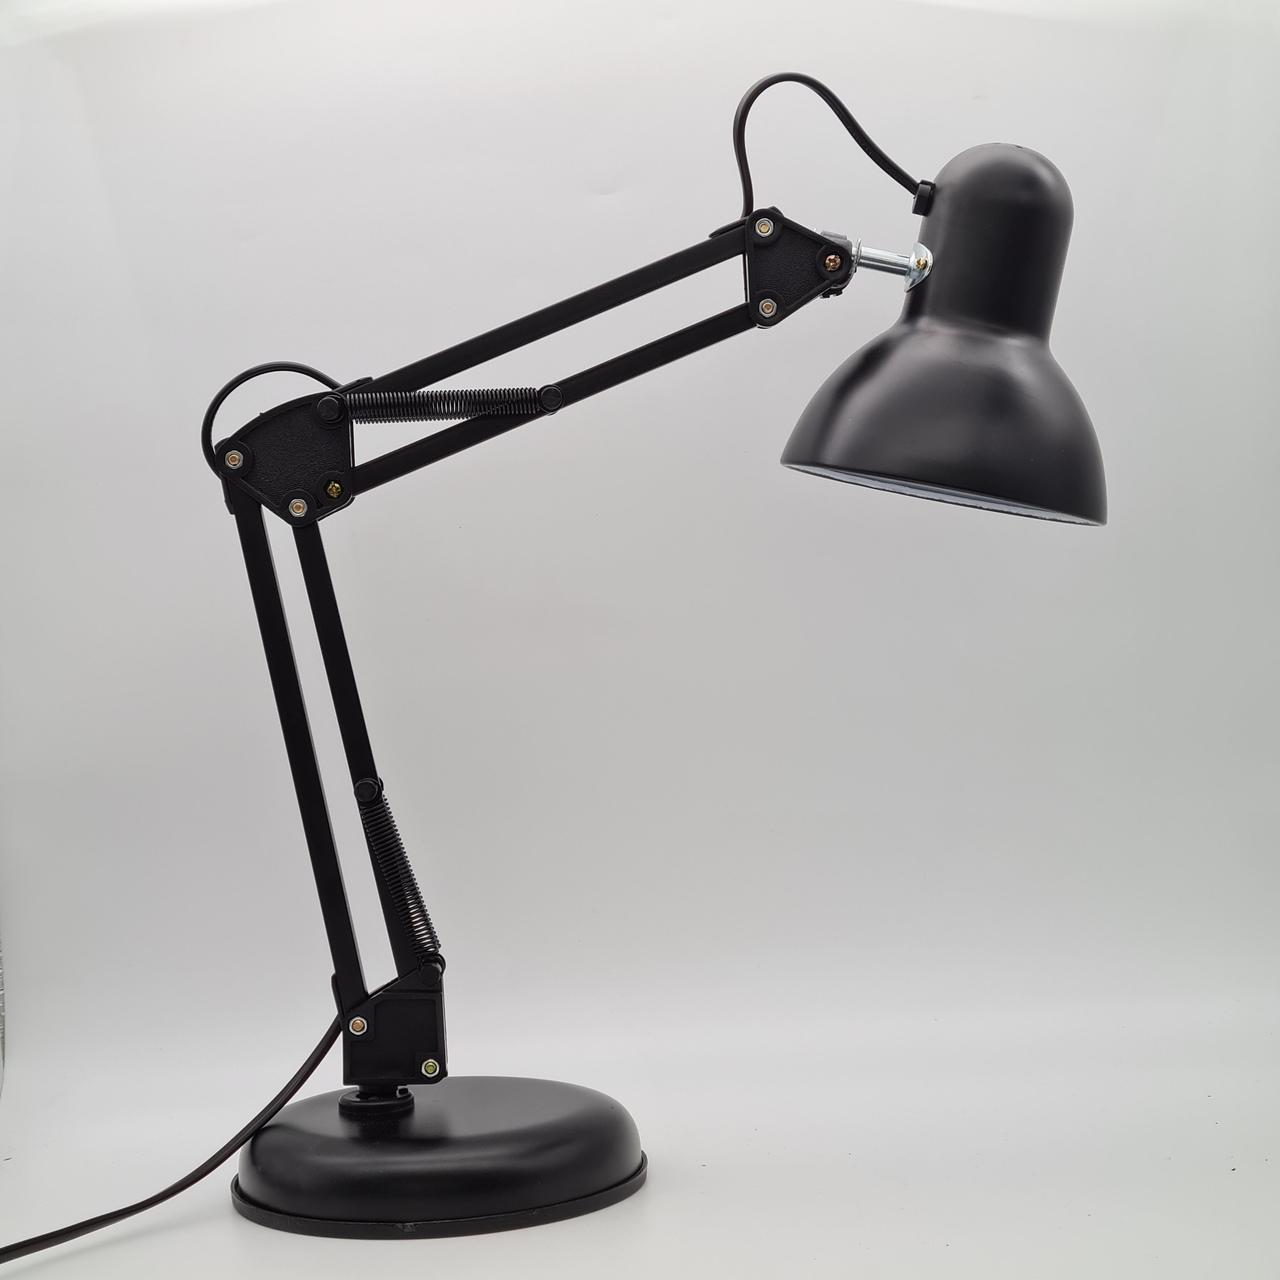 Luminária articulada de mesa - Preta